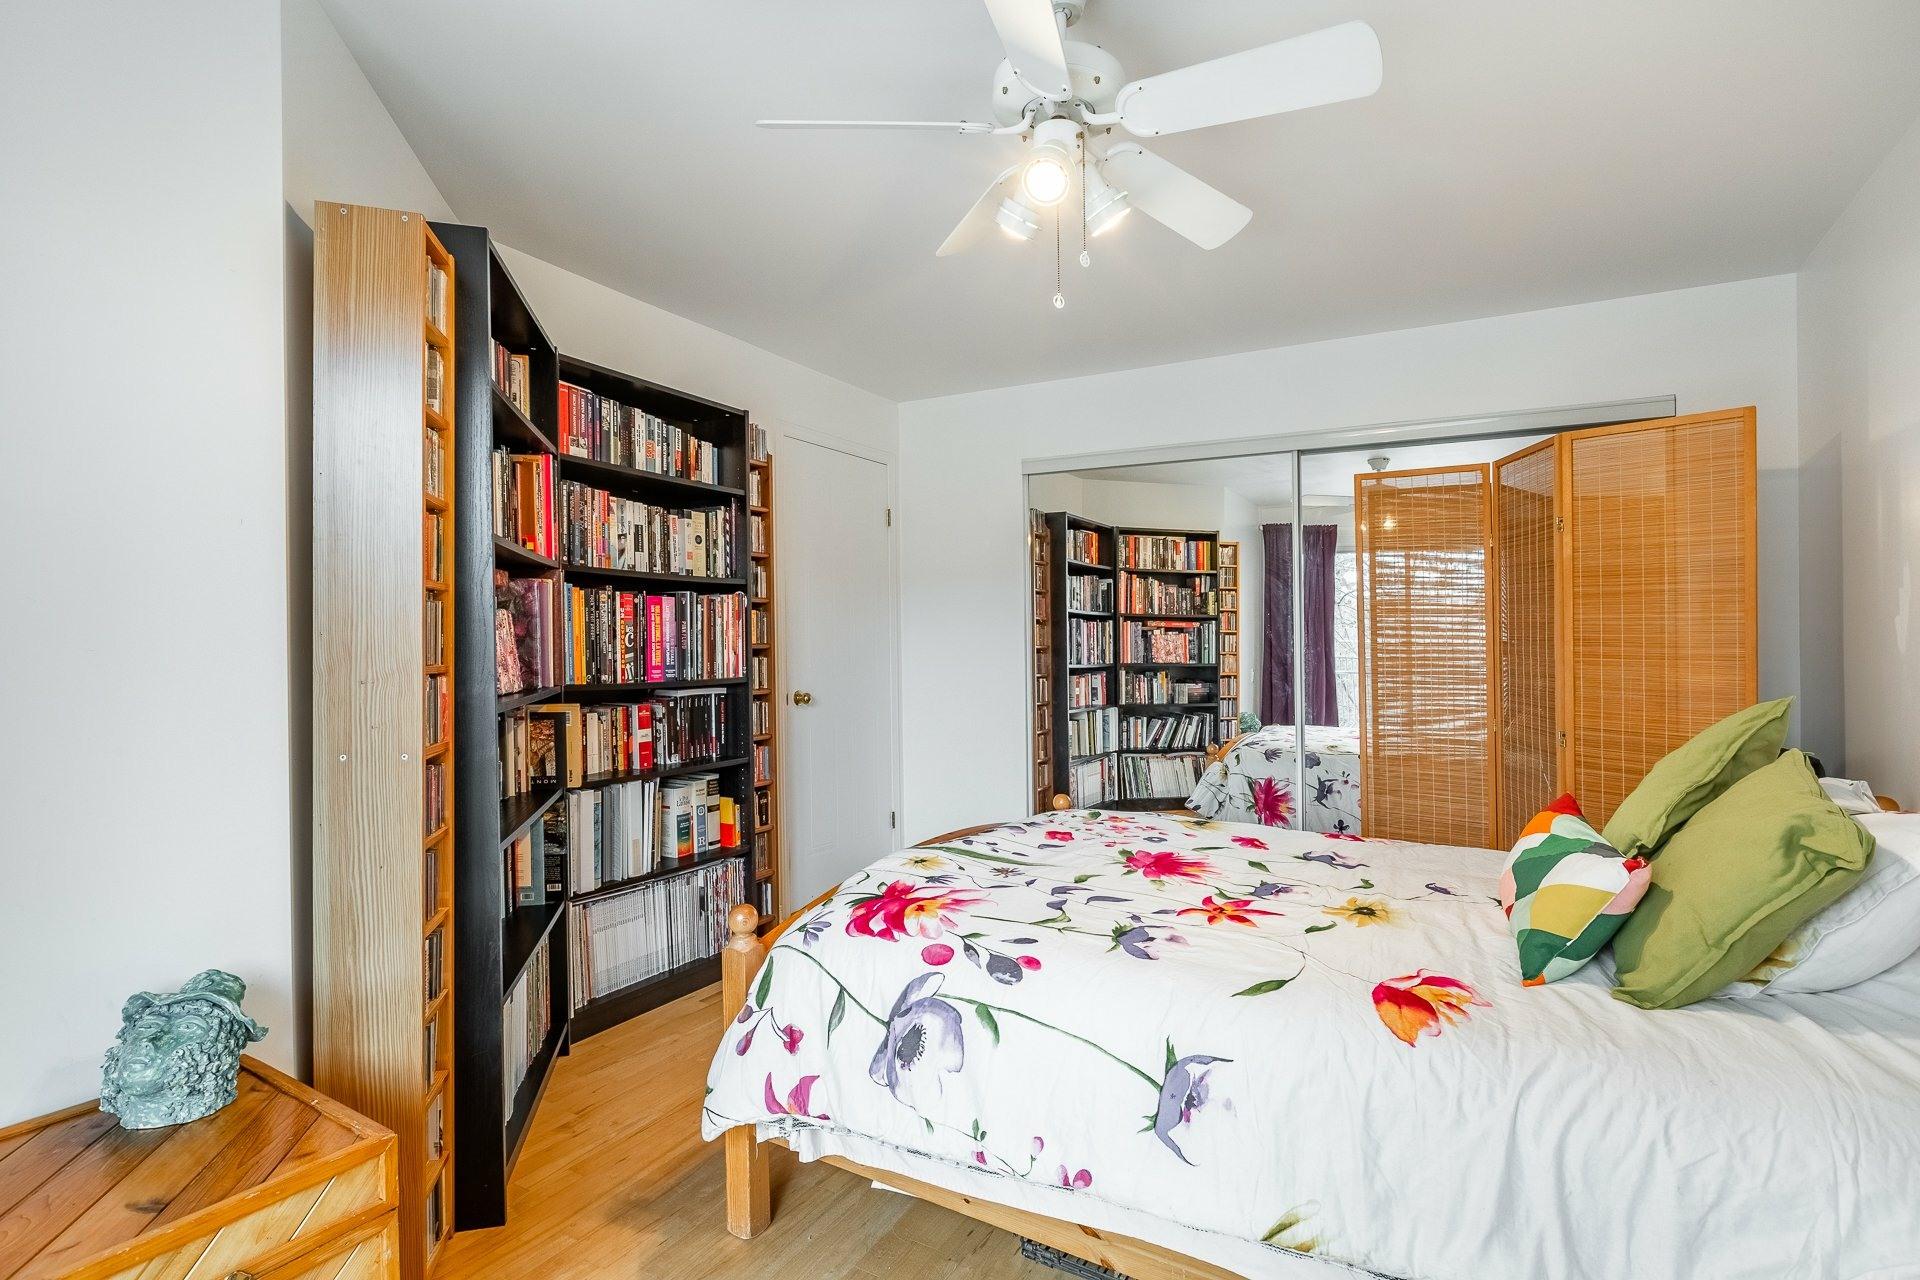 image 11 - Appartement À vendre Montréal Le Plateau-Mont-Royal  - 6 pièces